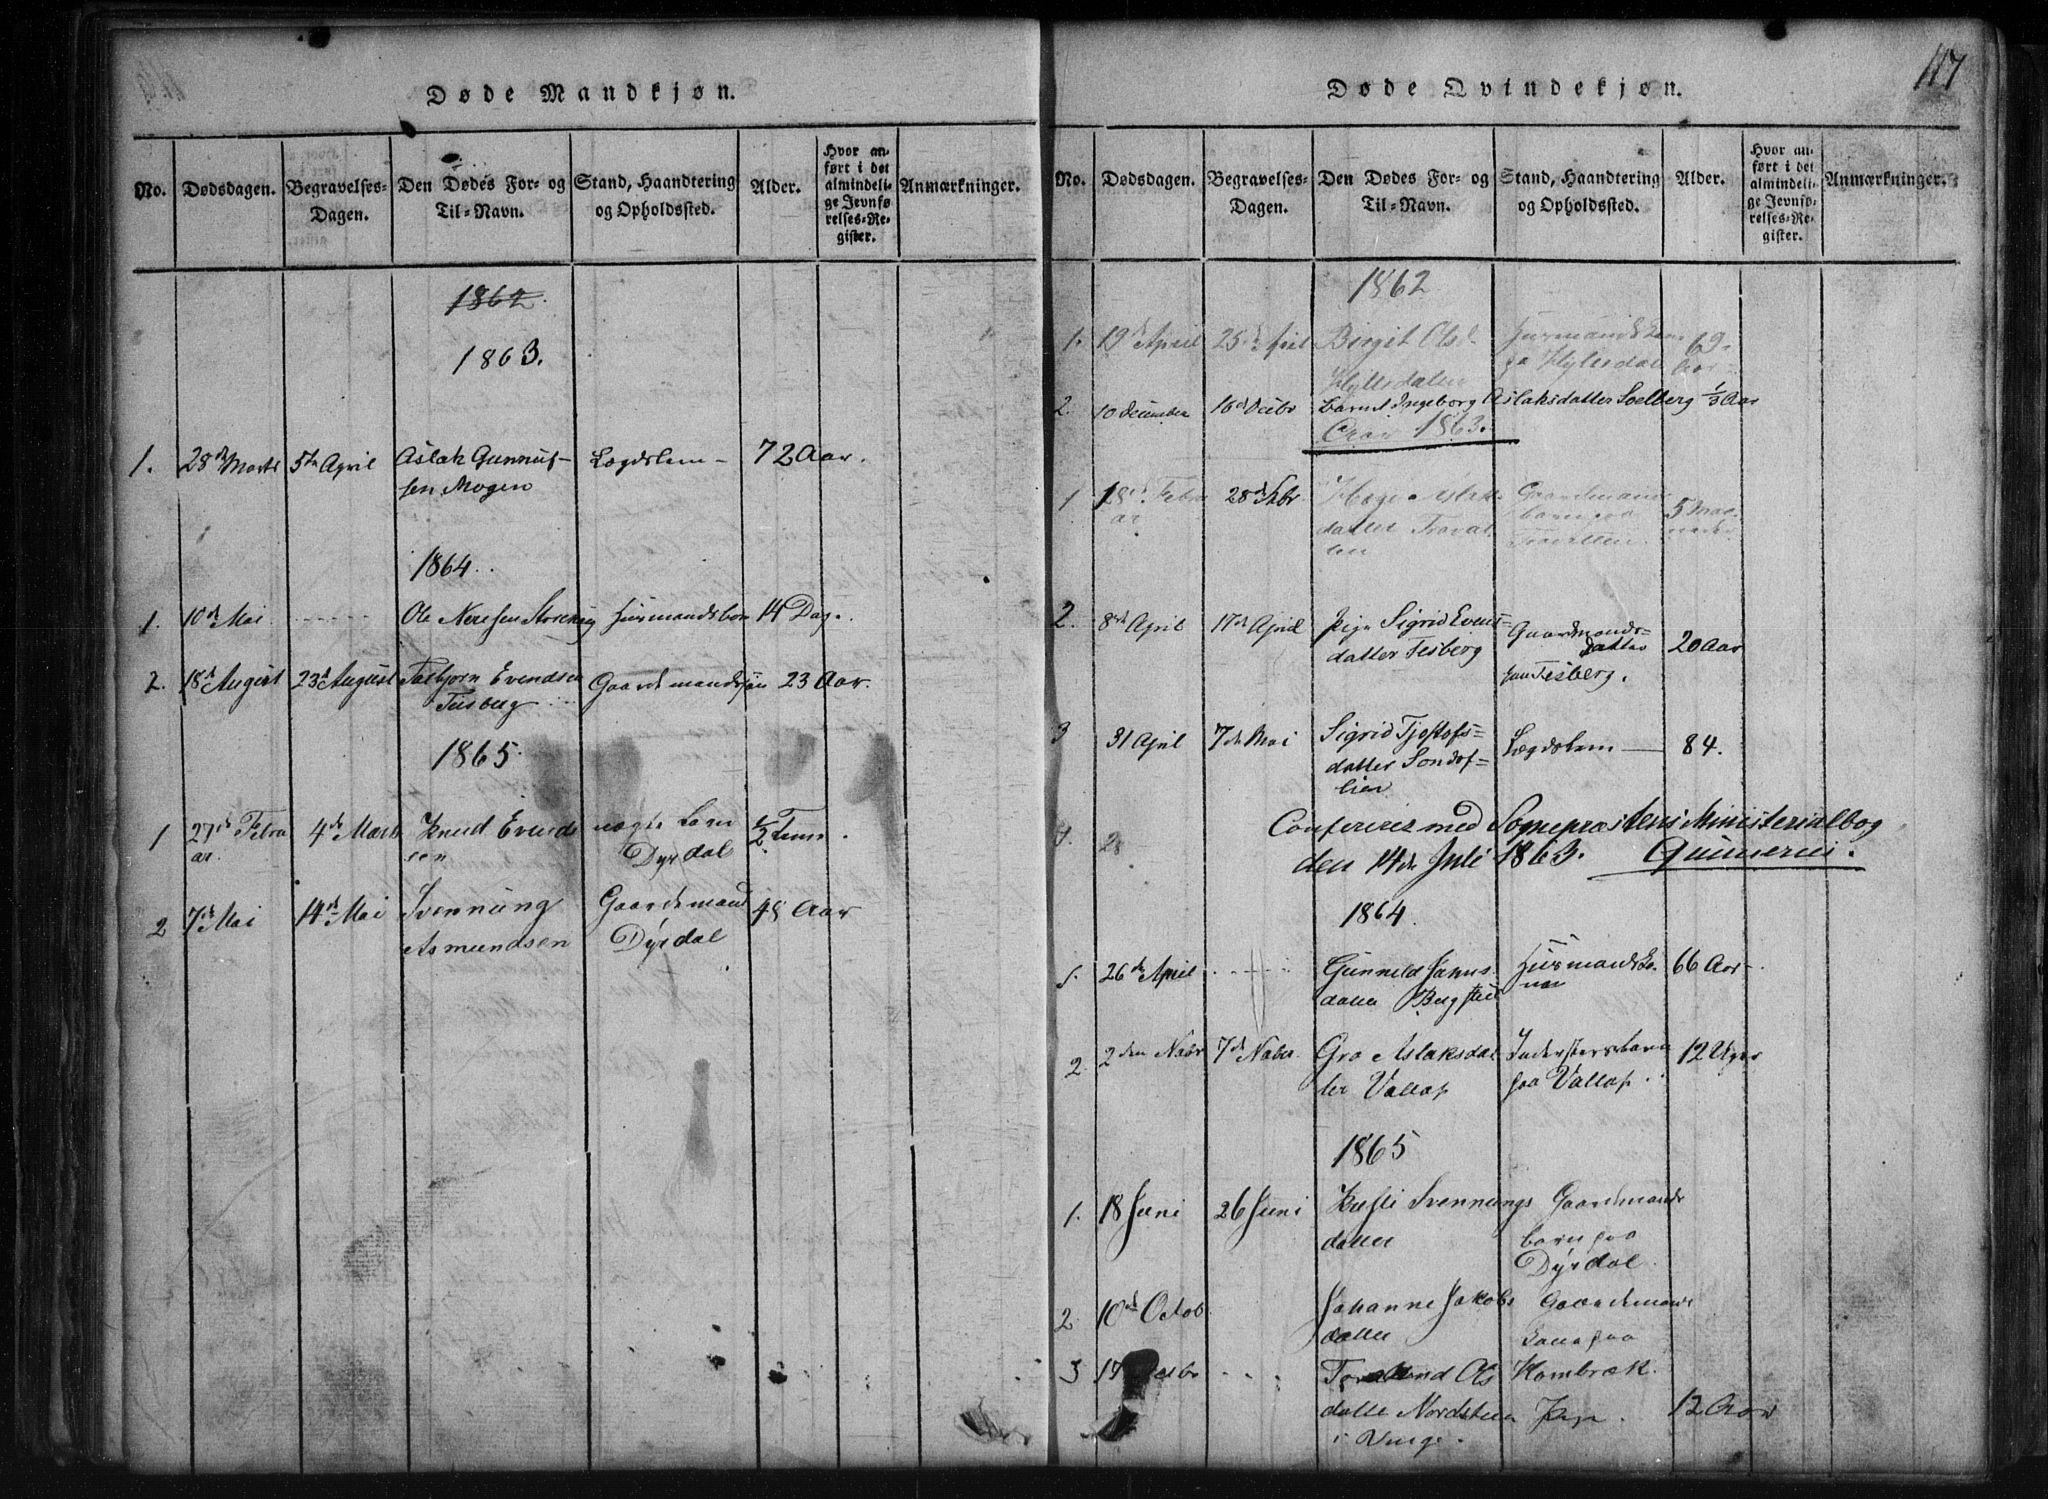 SAKO, Rauland kirkebøker, G/Gb/L0001: Klokkerbok nr. II 1, 1815-1886, s. 117